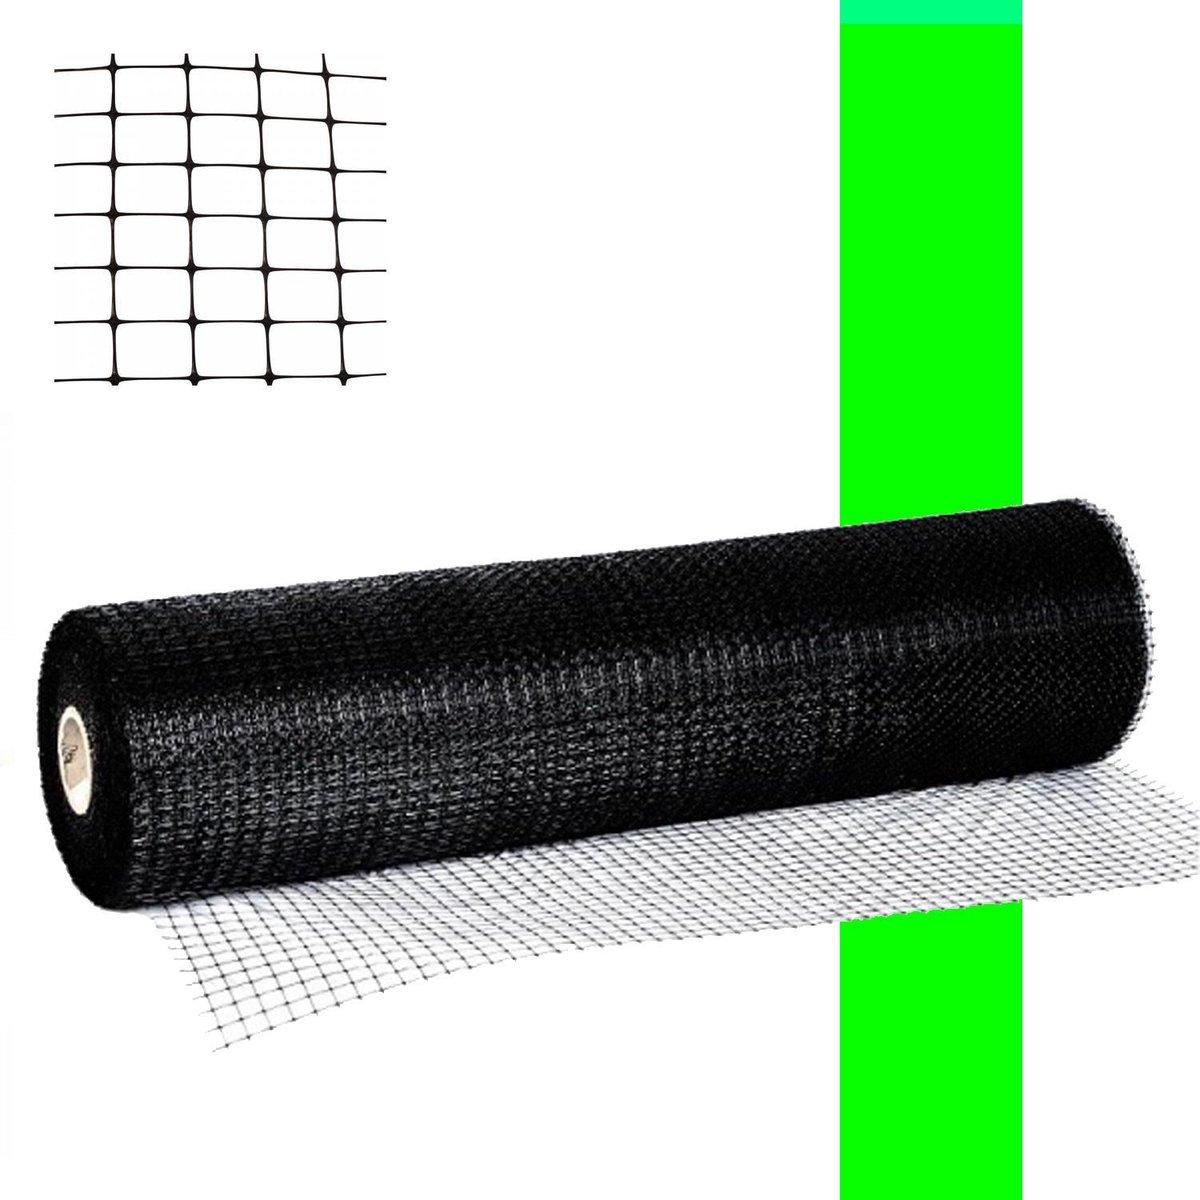 Kattengaas zwart 1,0 x 15,0 meter Multifunctioneel toepasbaar gaas.